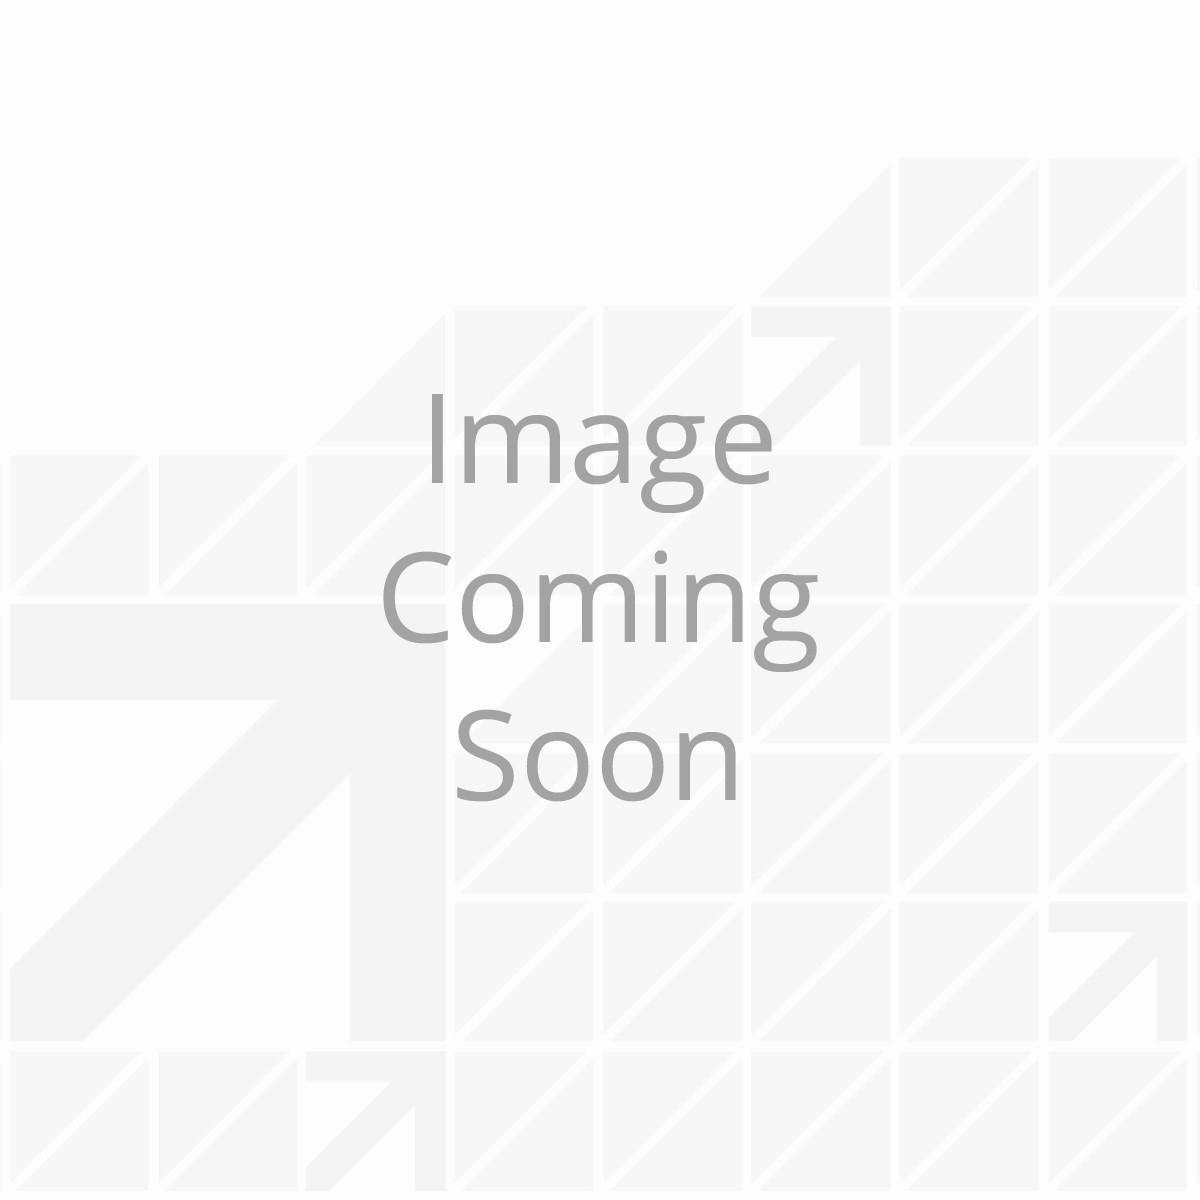 122079_Flange-Nut_001